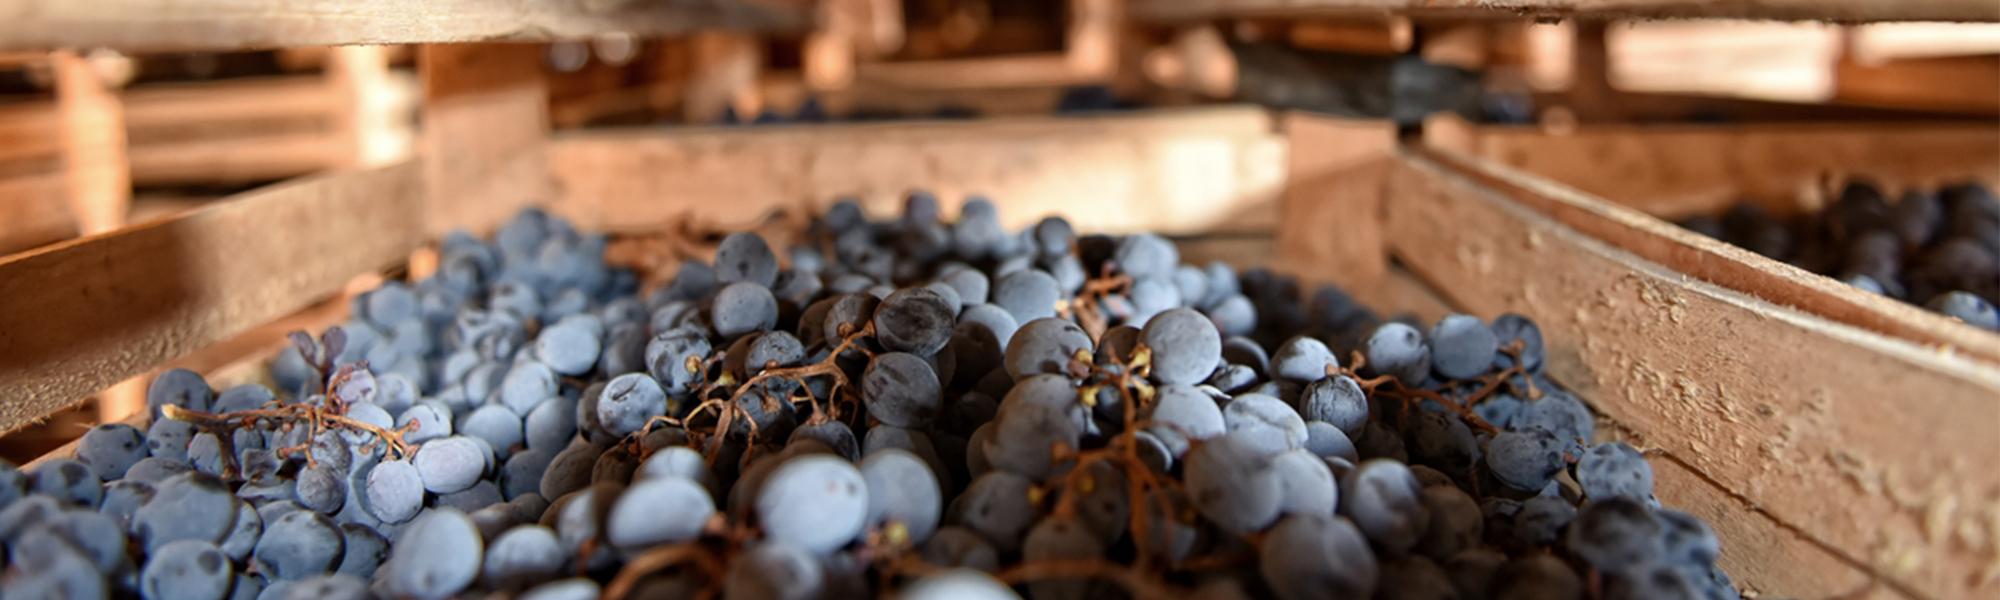 La deumidificazione per l'appassimento dell'uva